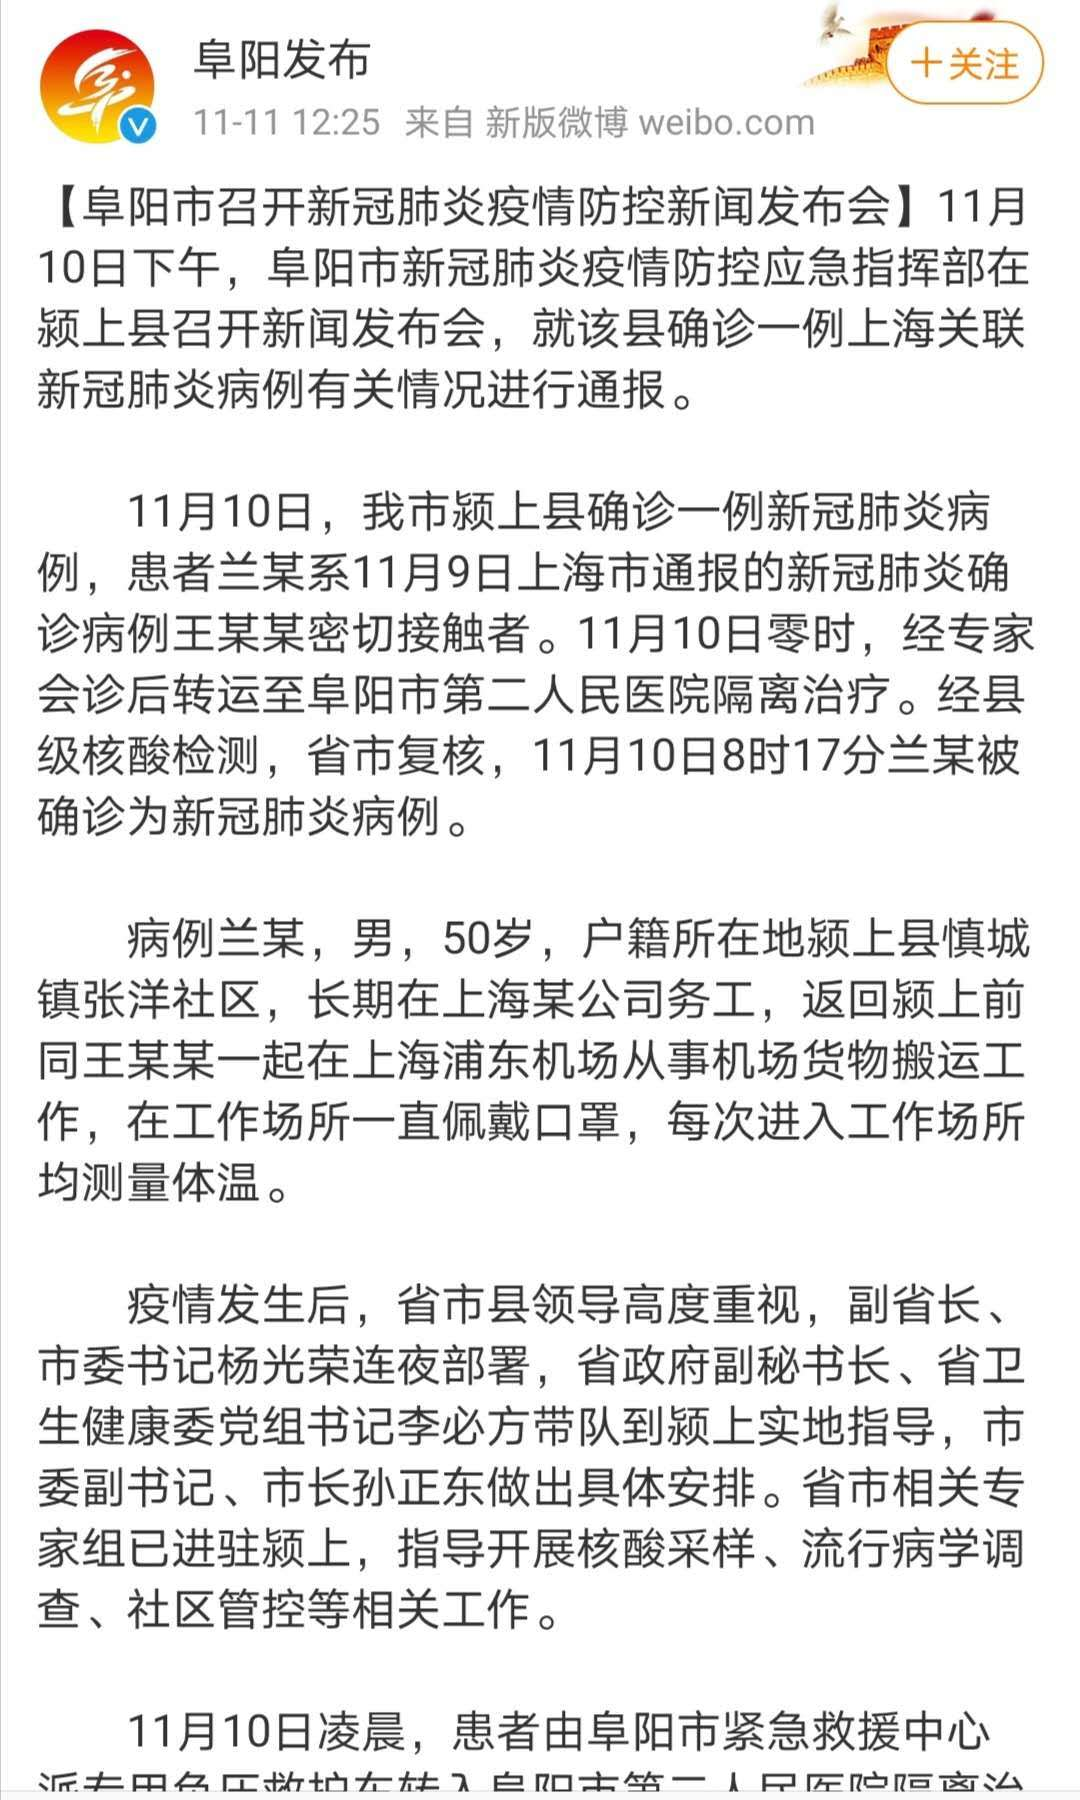 最新!安徽颍上县慎城镇张洋小区疫情风险等级调整为中风险